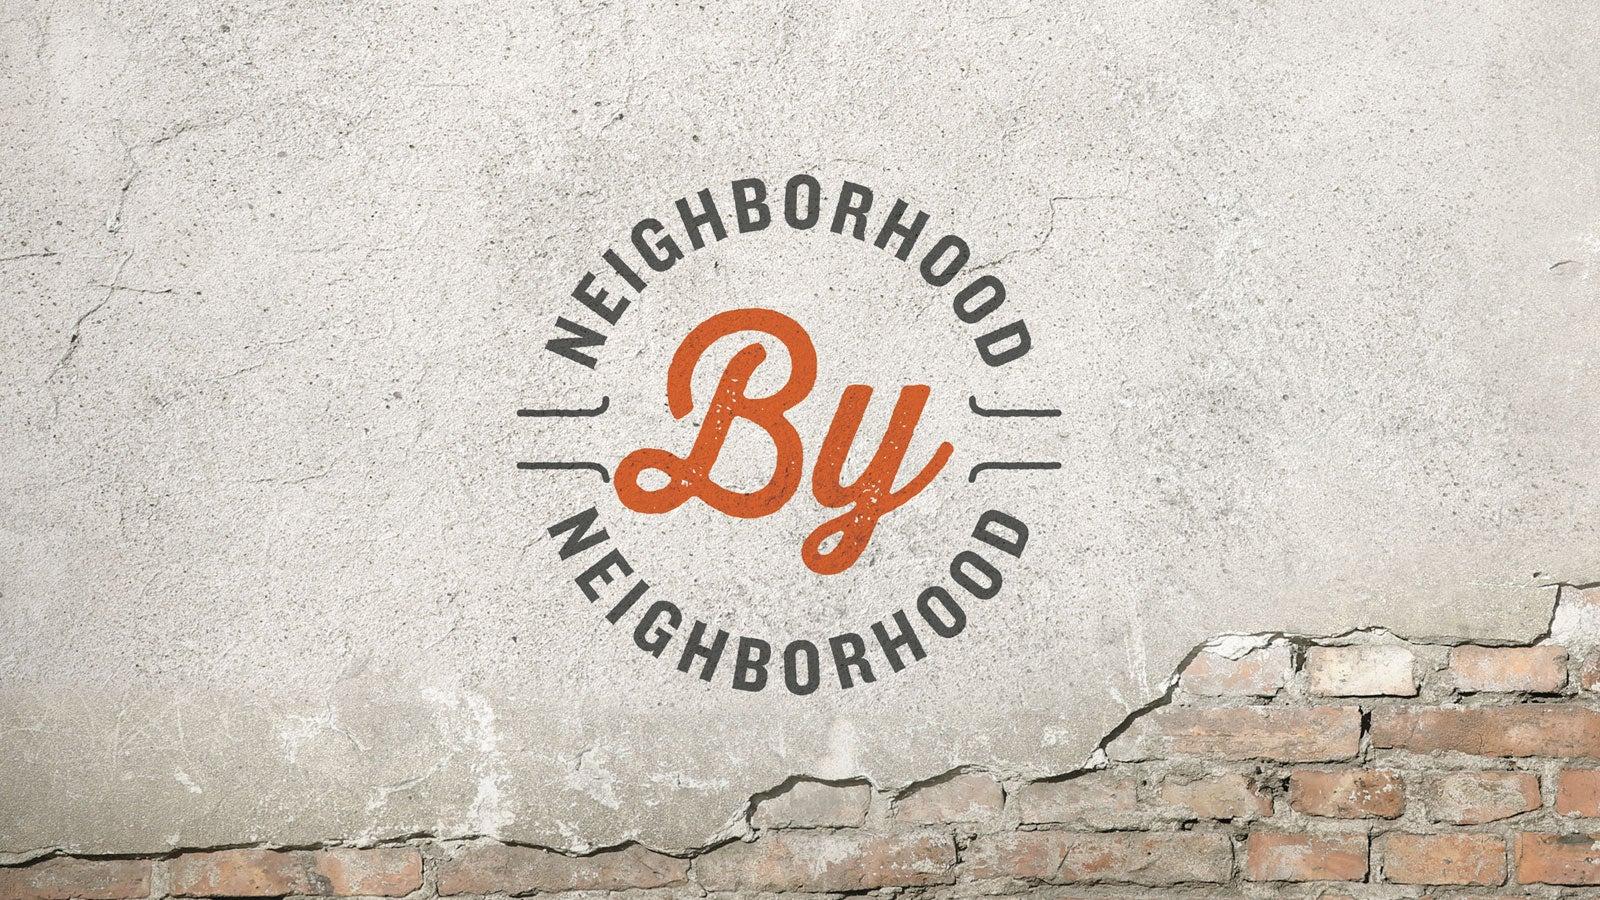 Neighborhood by Neighborhood